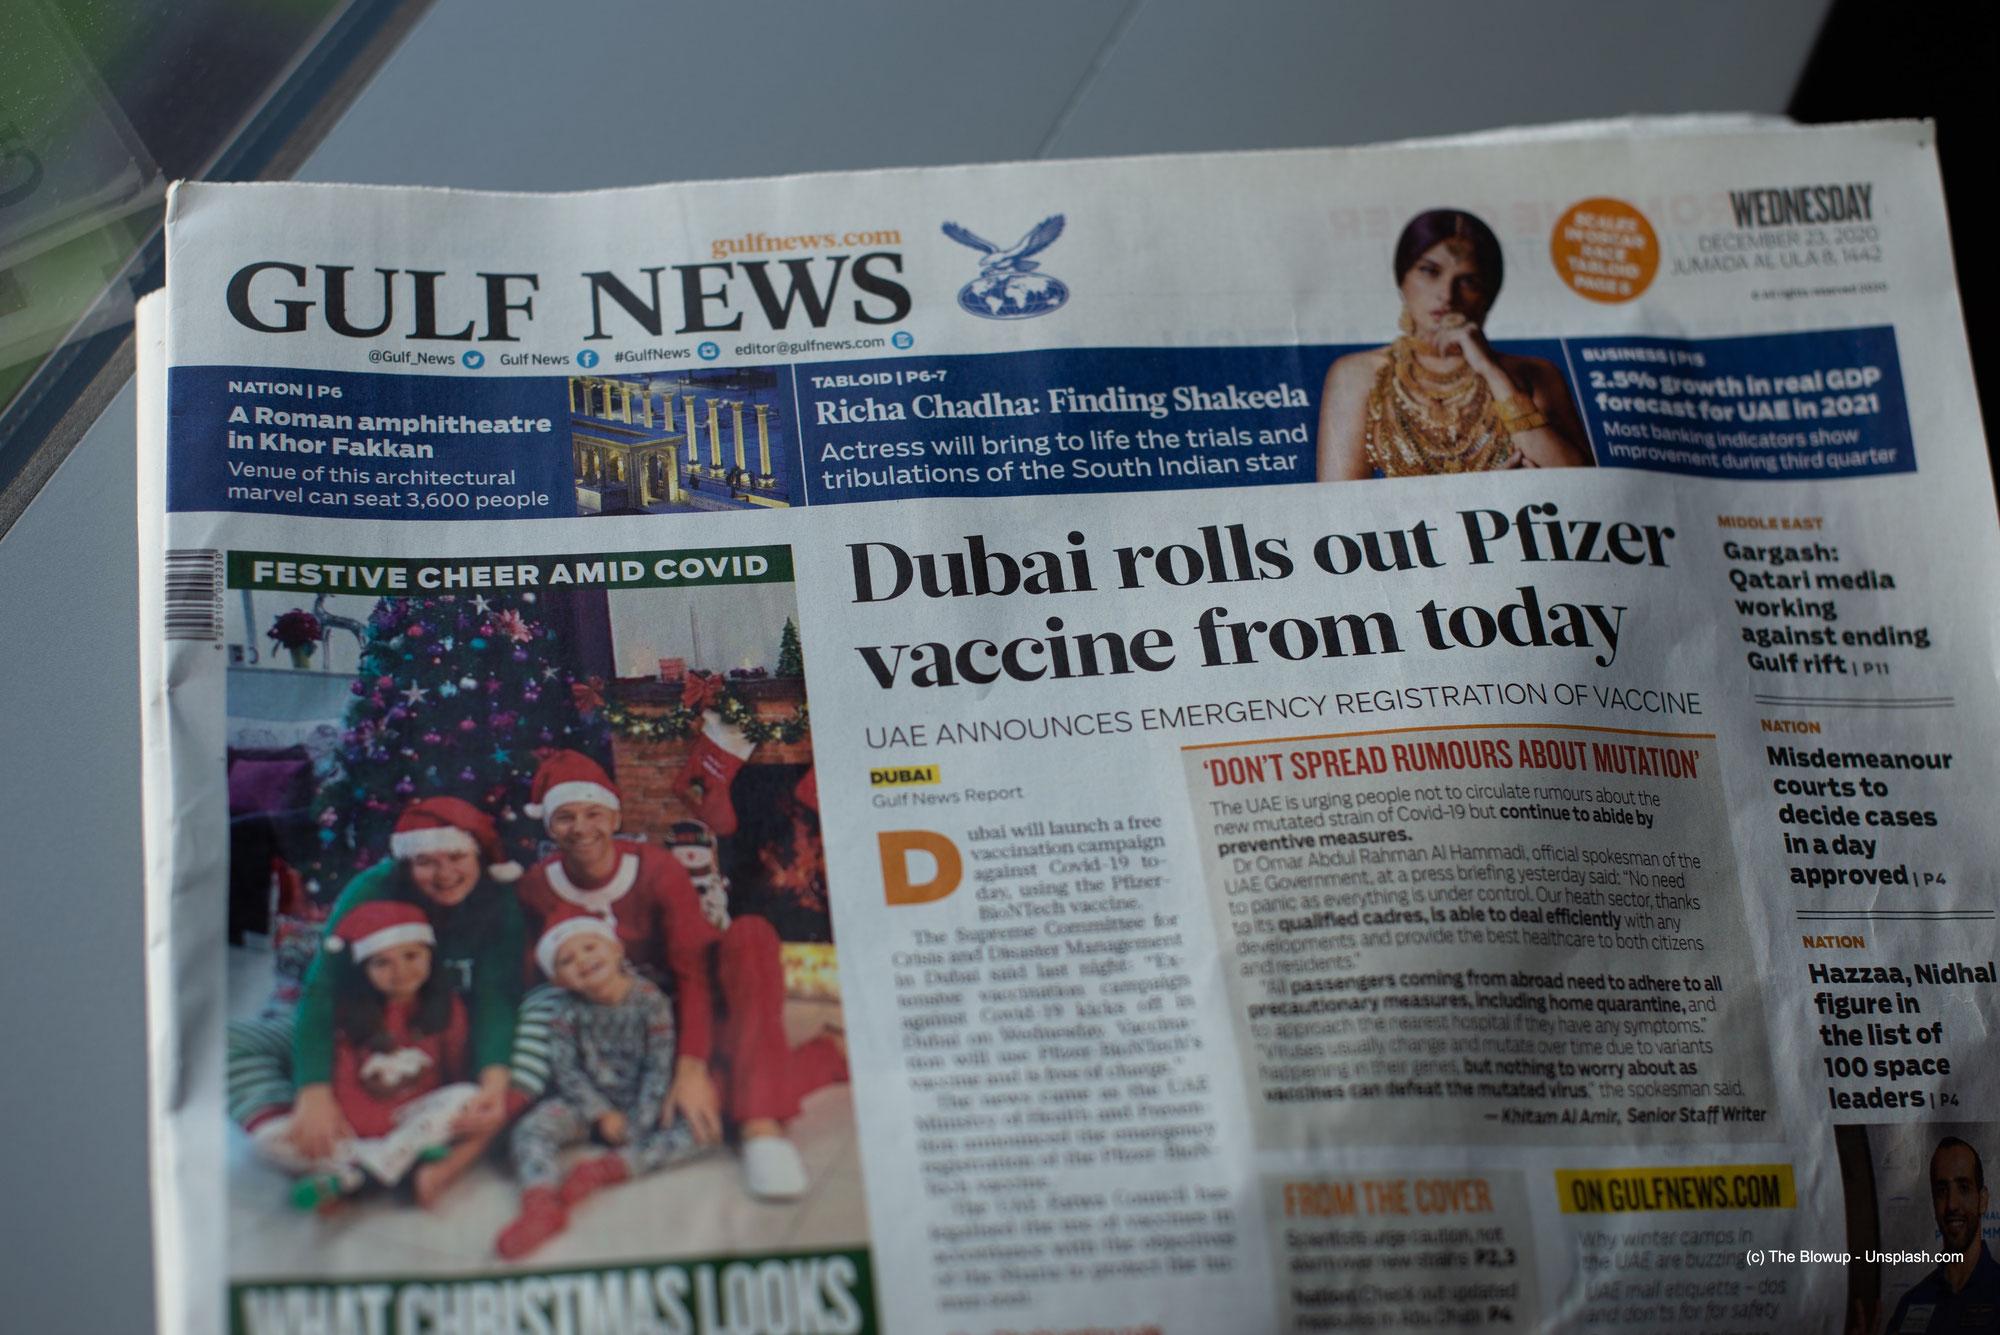 Das Wirkungsprofil der Covid-19 Impfstoffe